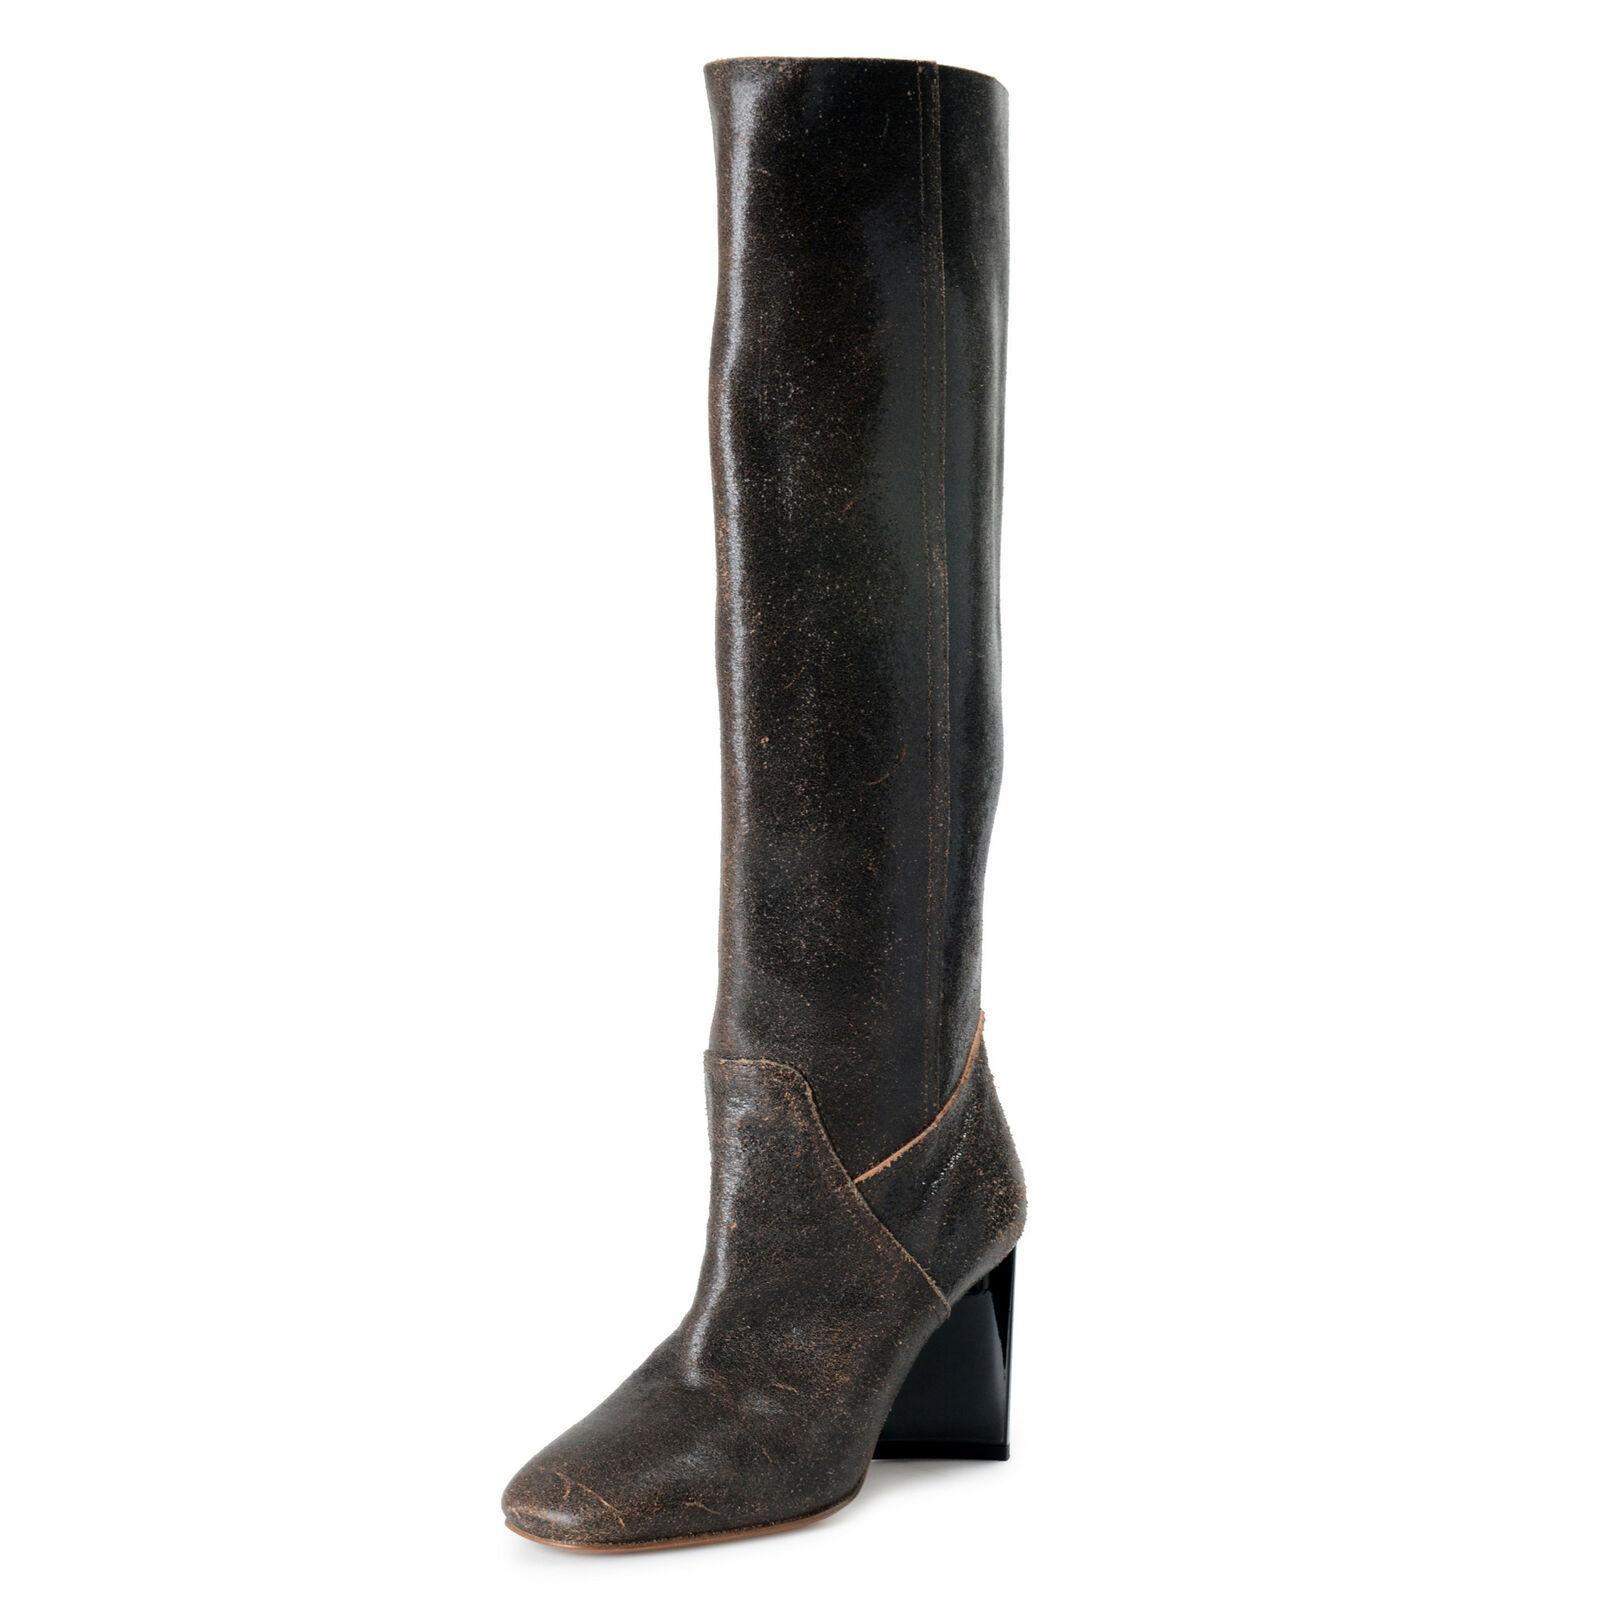 Maison Margiela 22 Damen Antikleder Hoher Absatz Stiefel Schuhe US 7 It 37